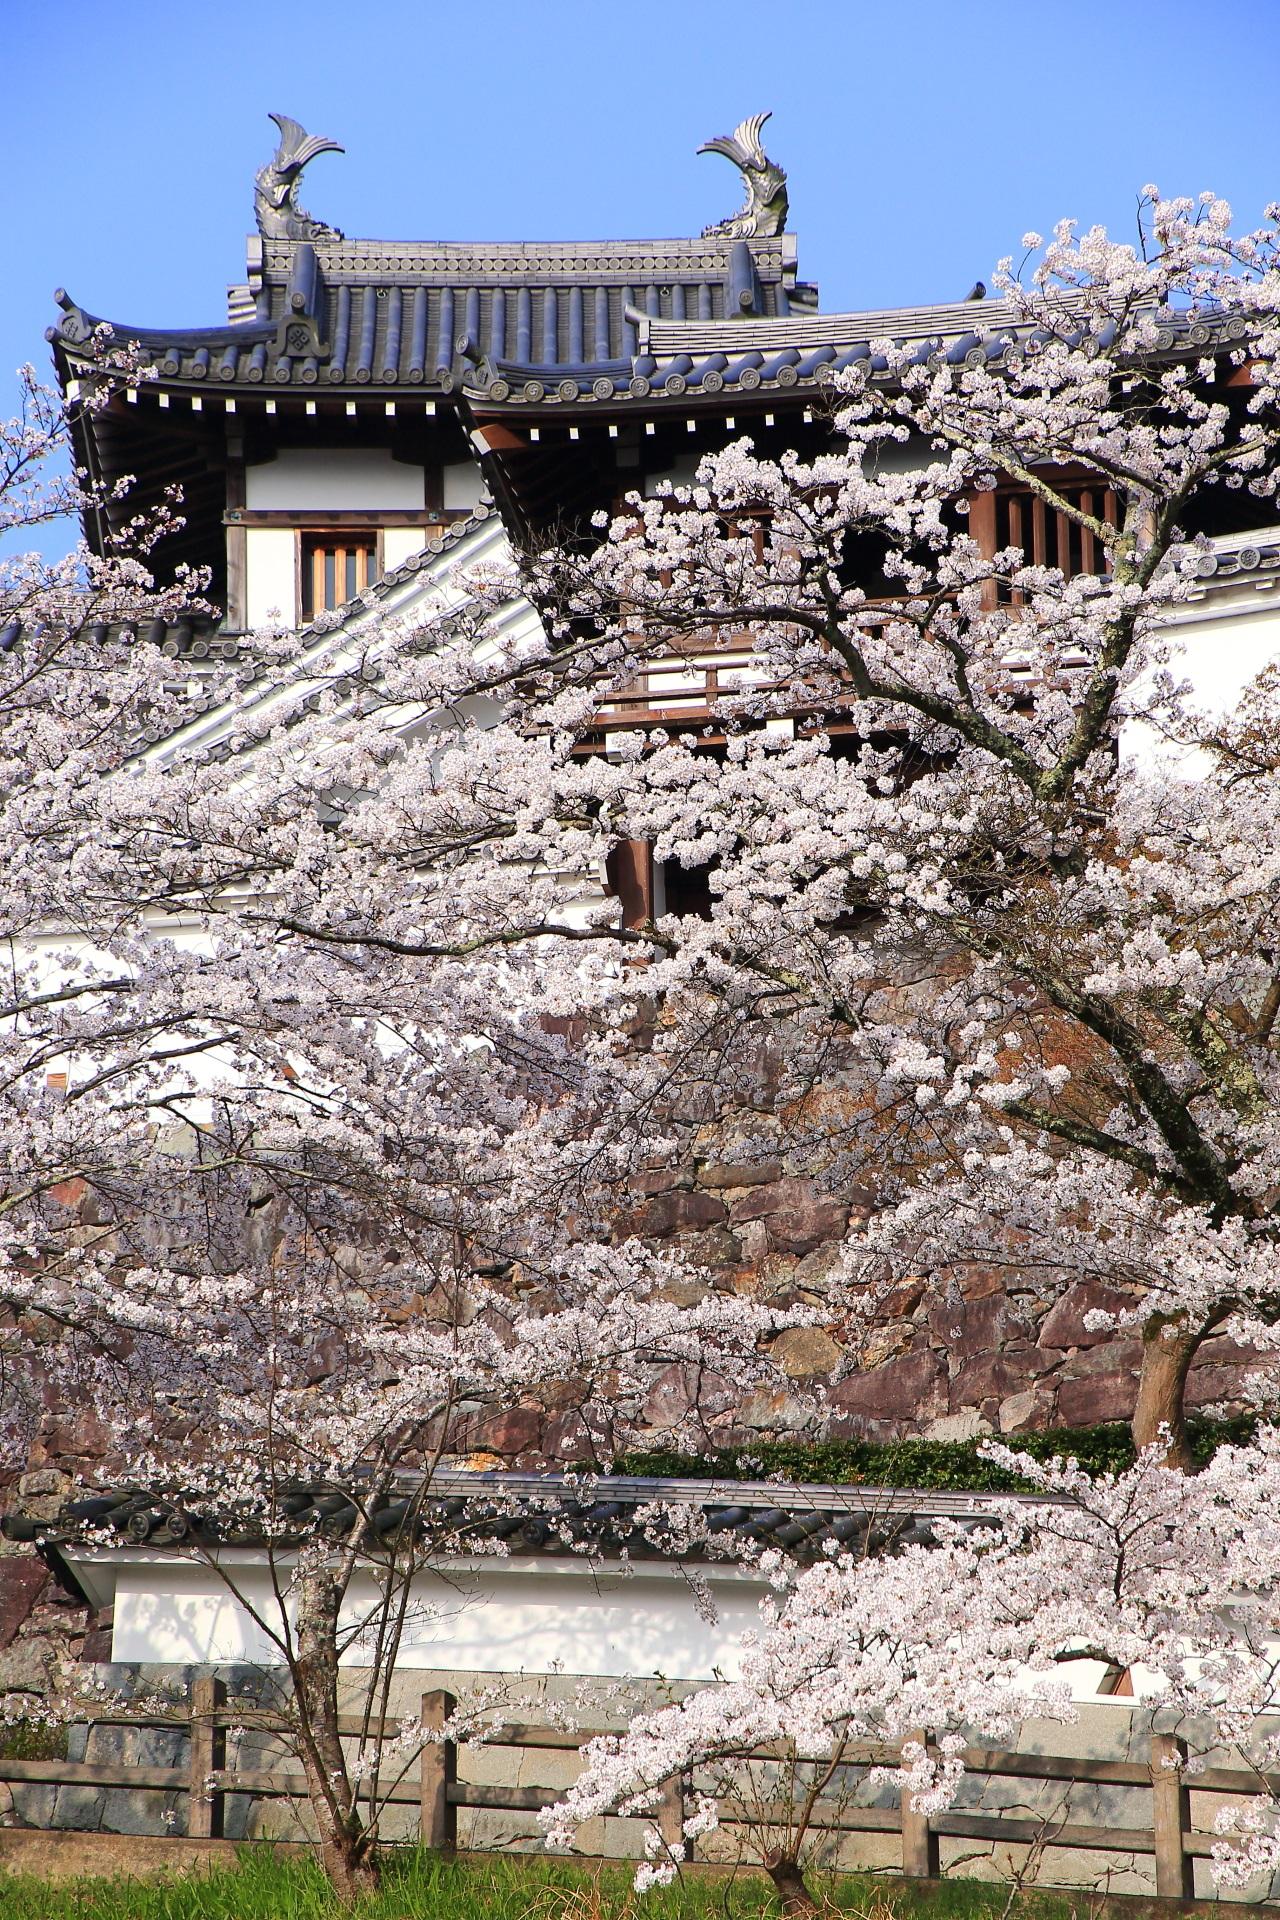 弾ける桜と福知山城の鯱(しゃちほこ)を乗せた天守